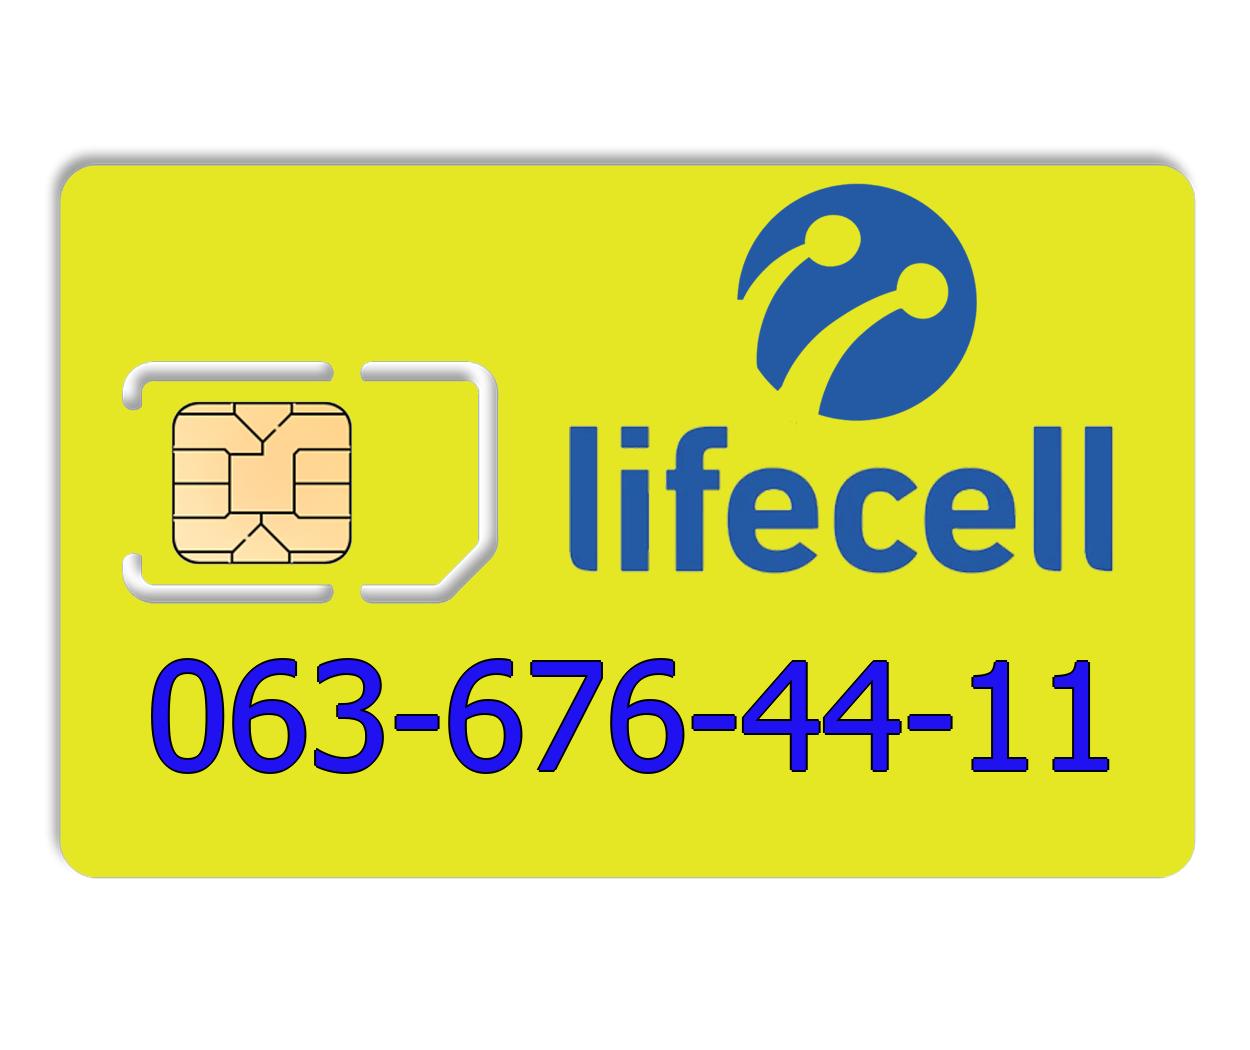 Красивый номер lifecell 063-676-44-11